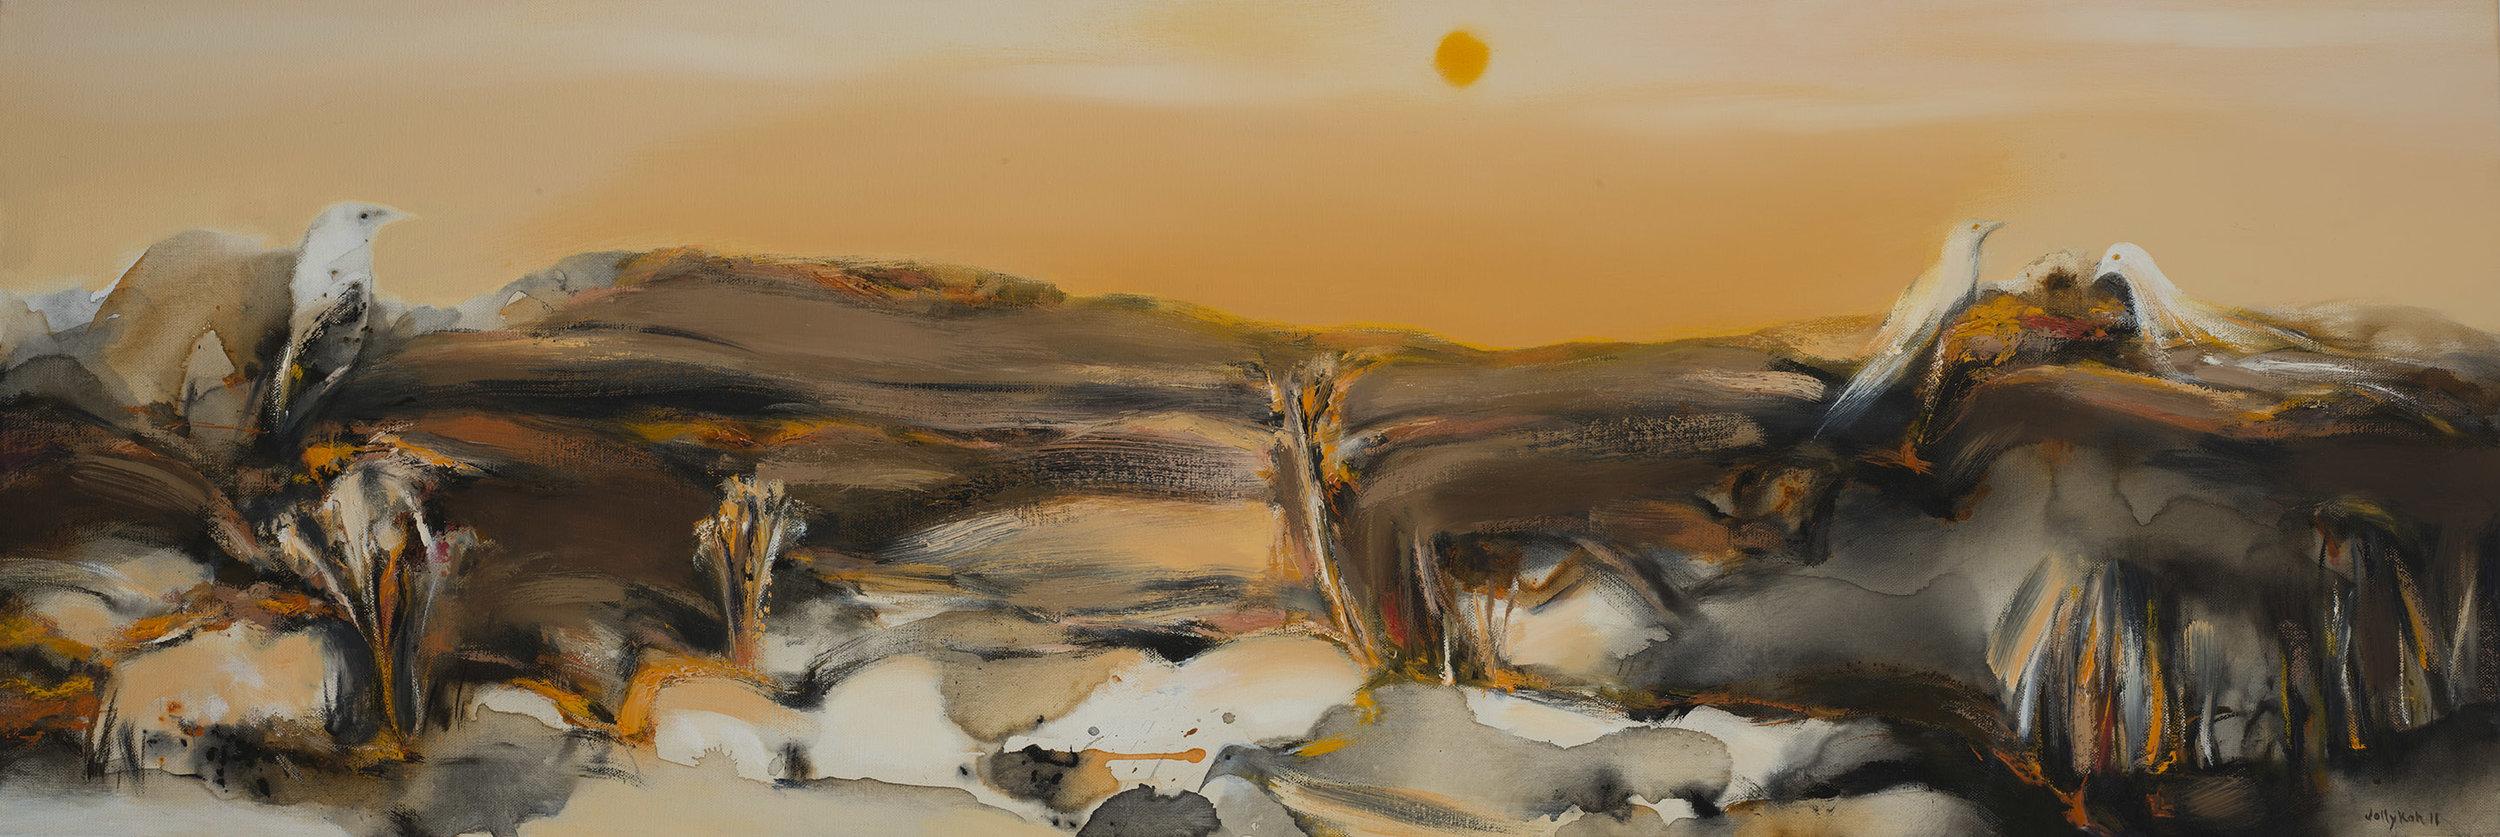 Bird Landscape